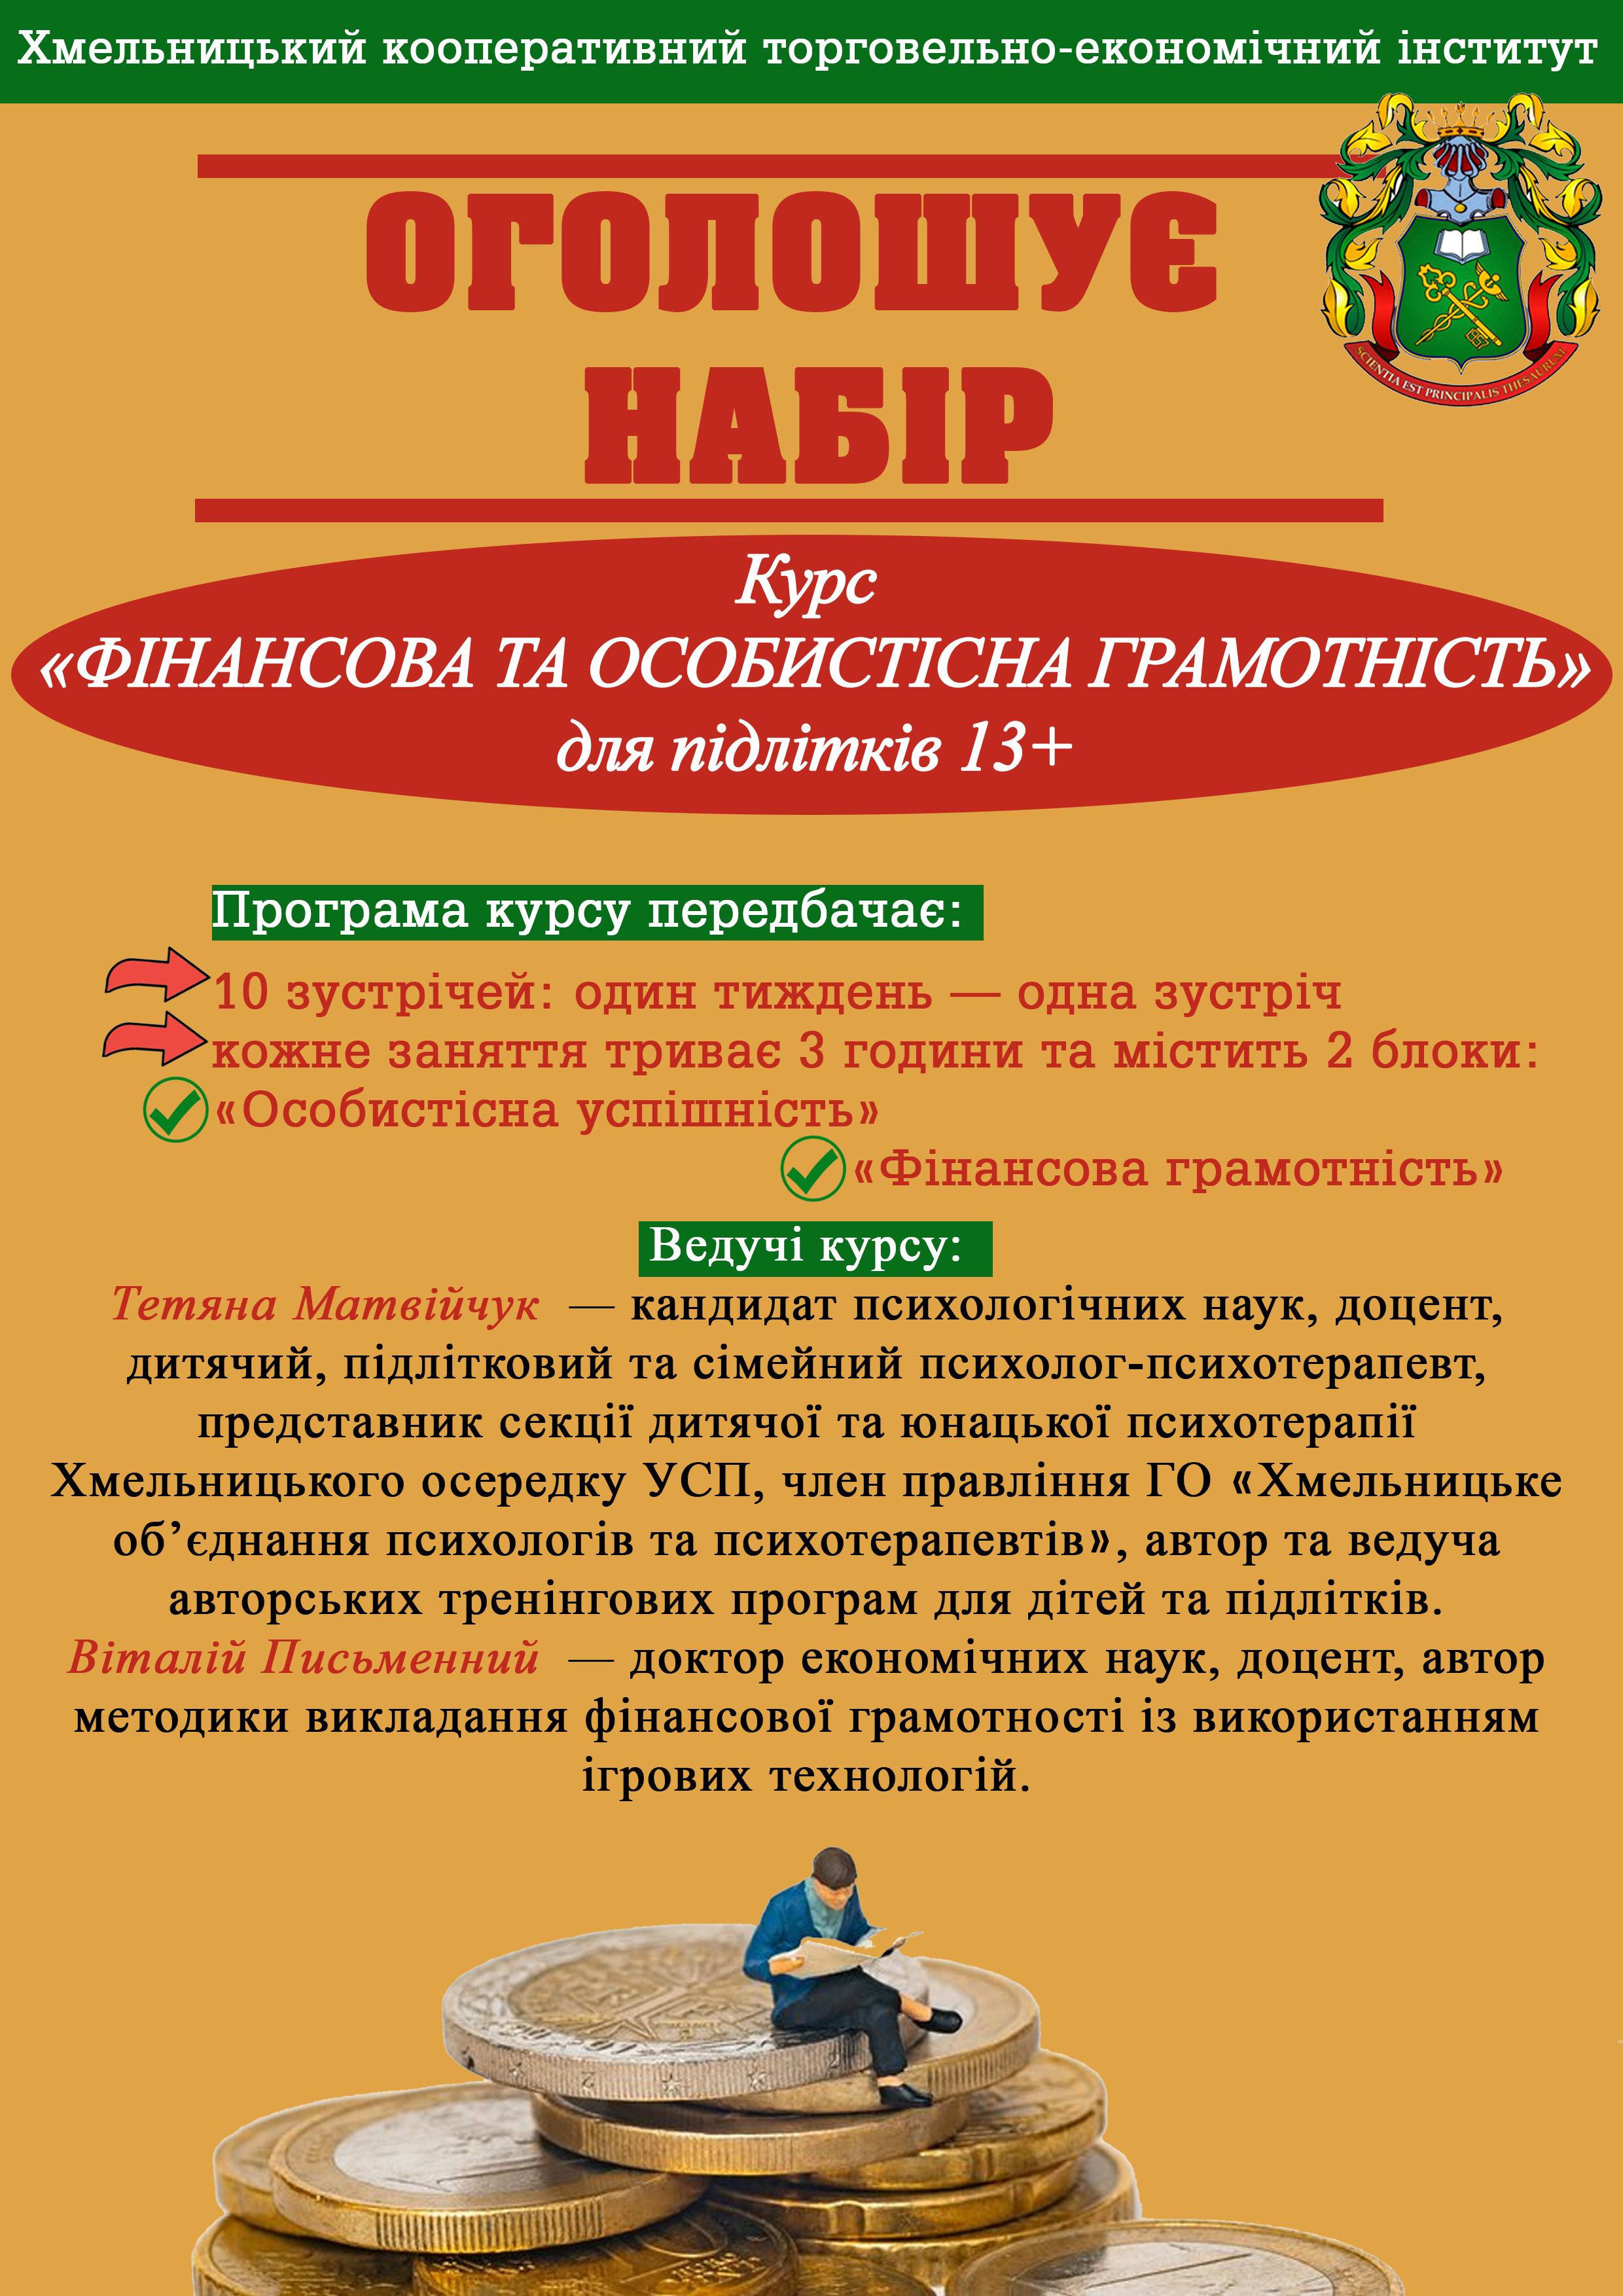 finansova_gramotnist_1_2_01